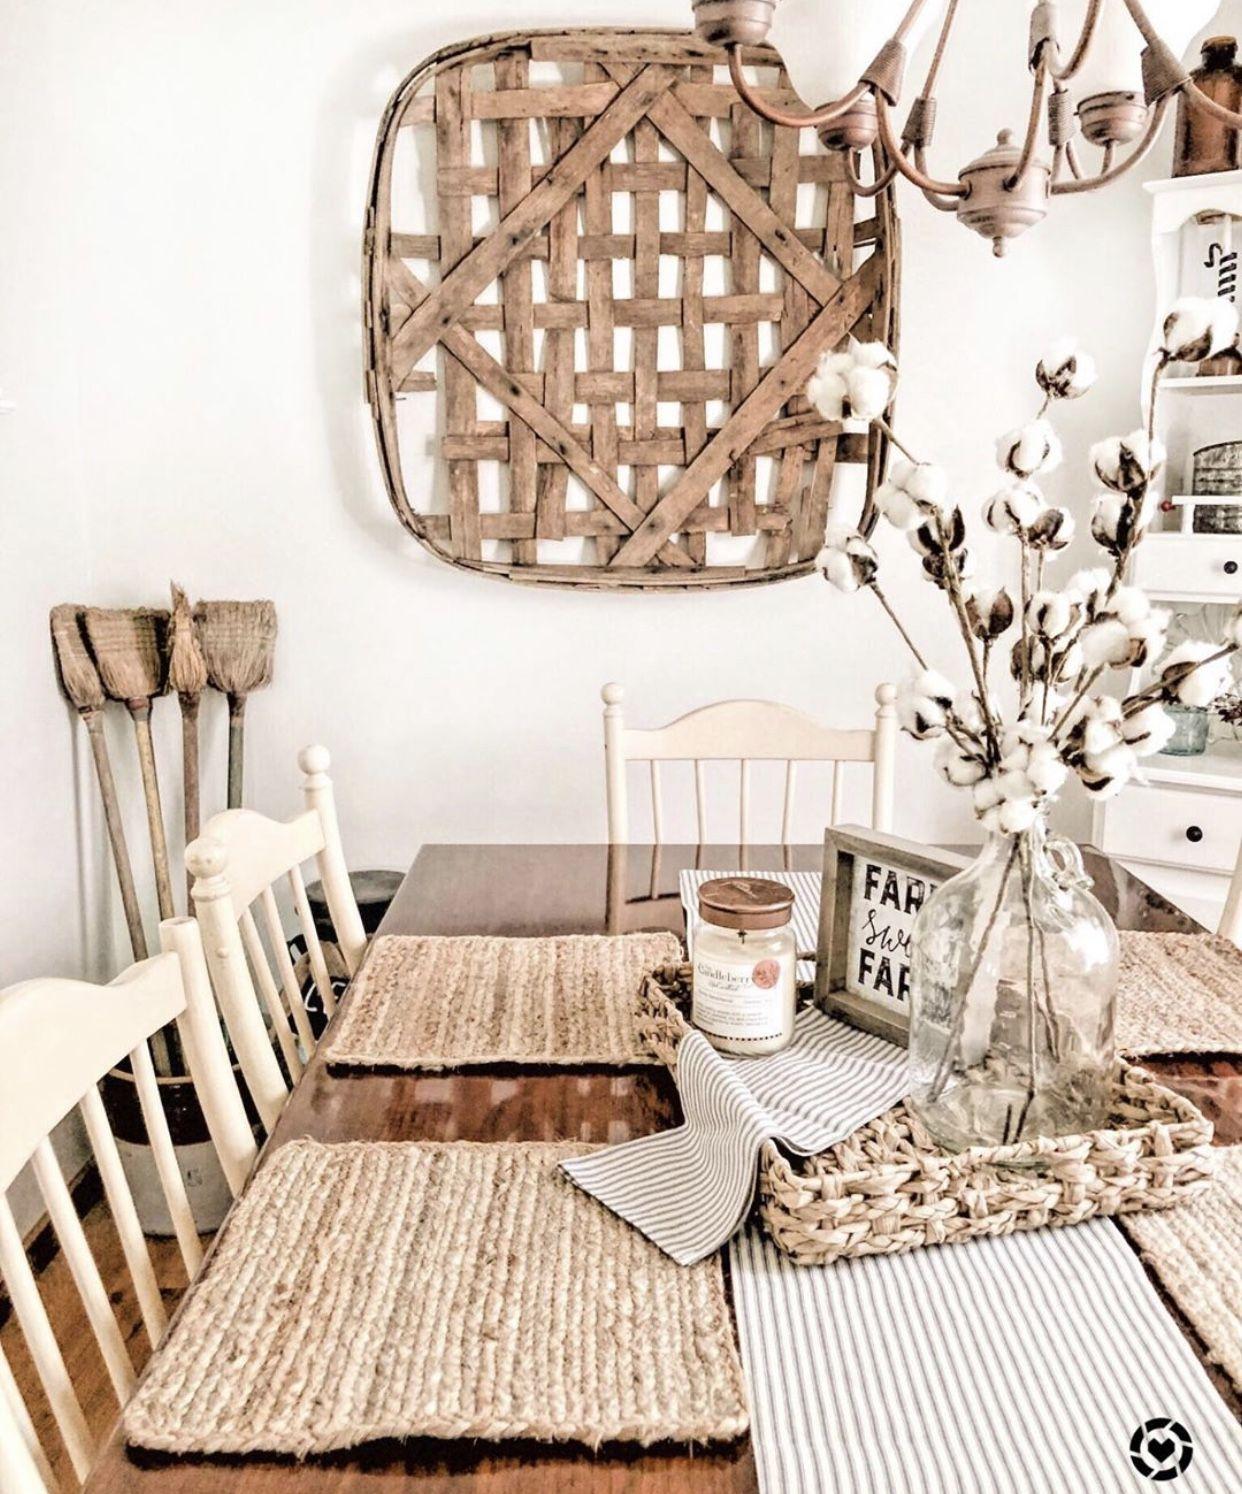 30 Best Farmhouse Table Dining Room Decor Ideas: Farmhouse Dining Room Table Scape Decor! (With Images